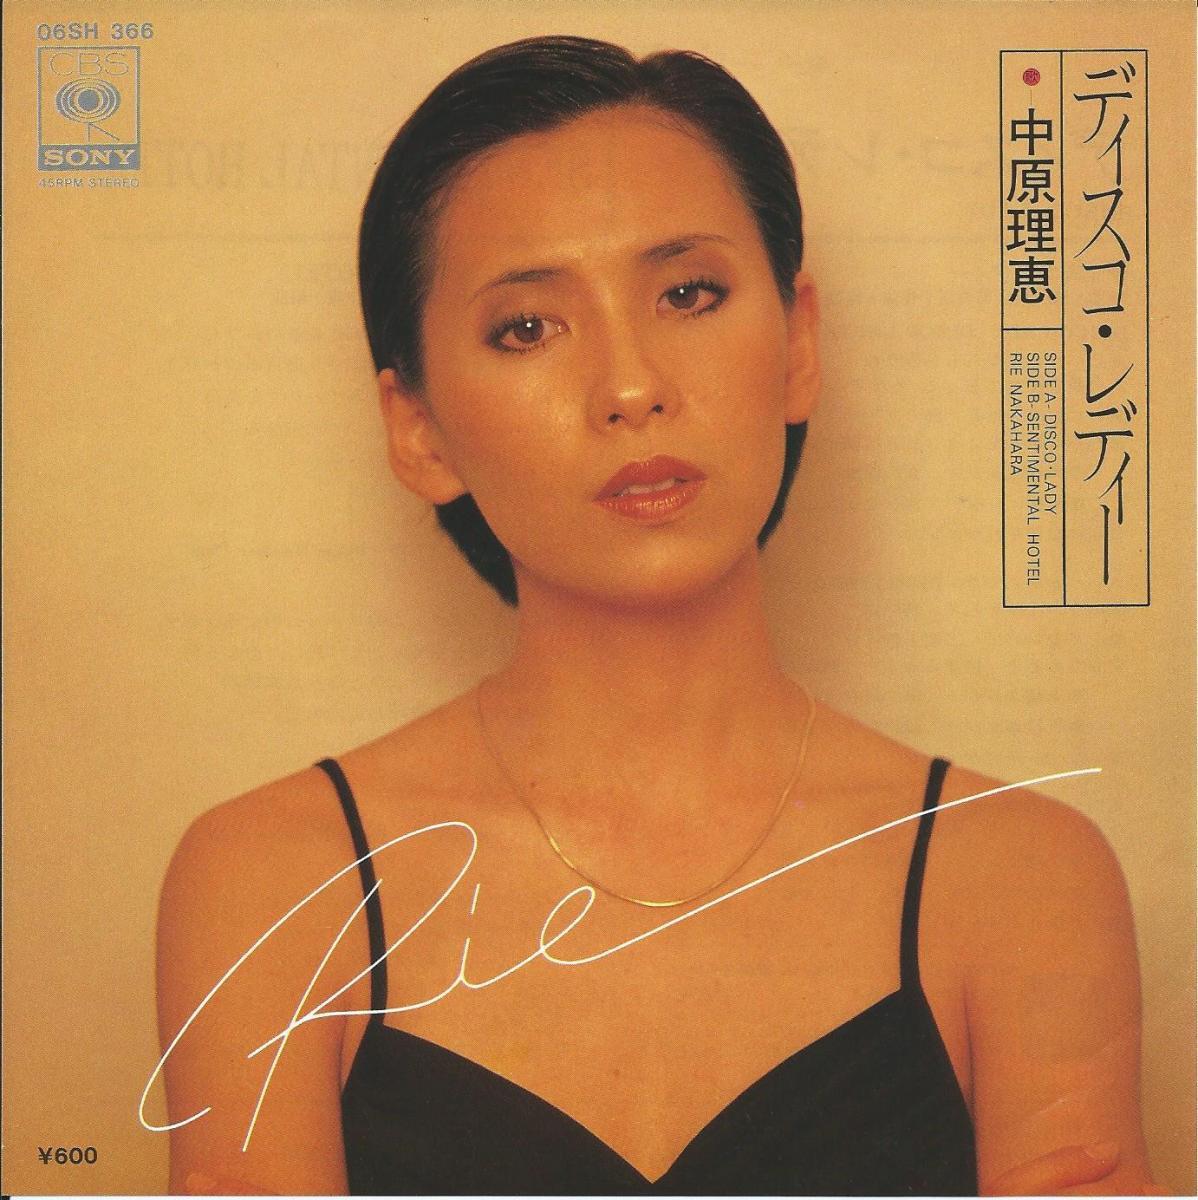 中原理恵 RIE NAKAHARA / ディスコ・レディー DISCO LADY / SENTIMENTAL HOTEL (7